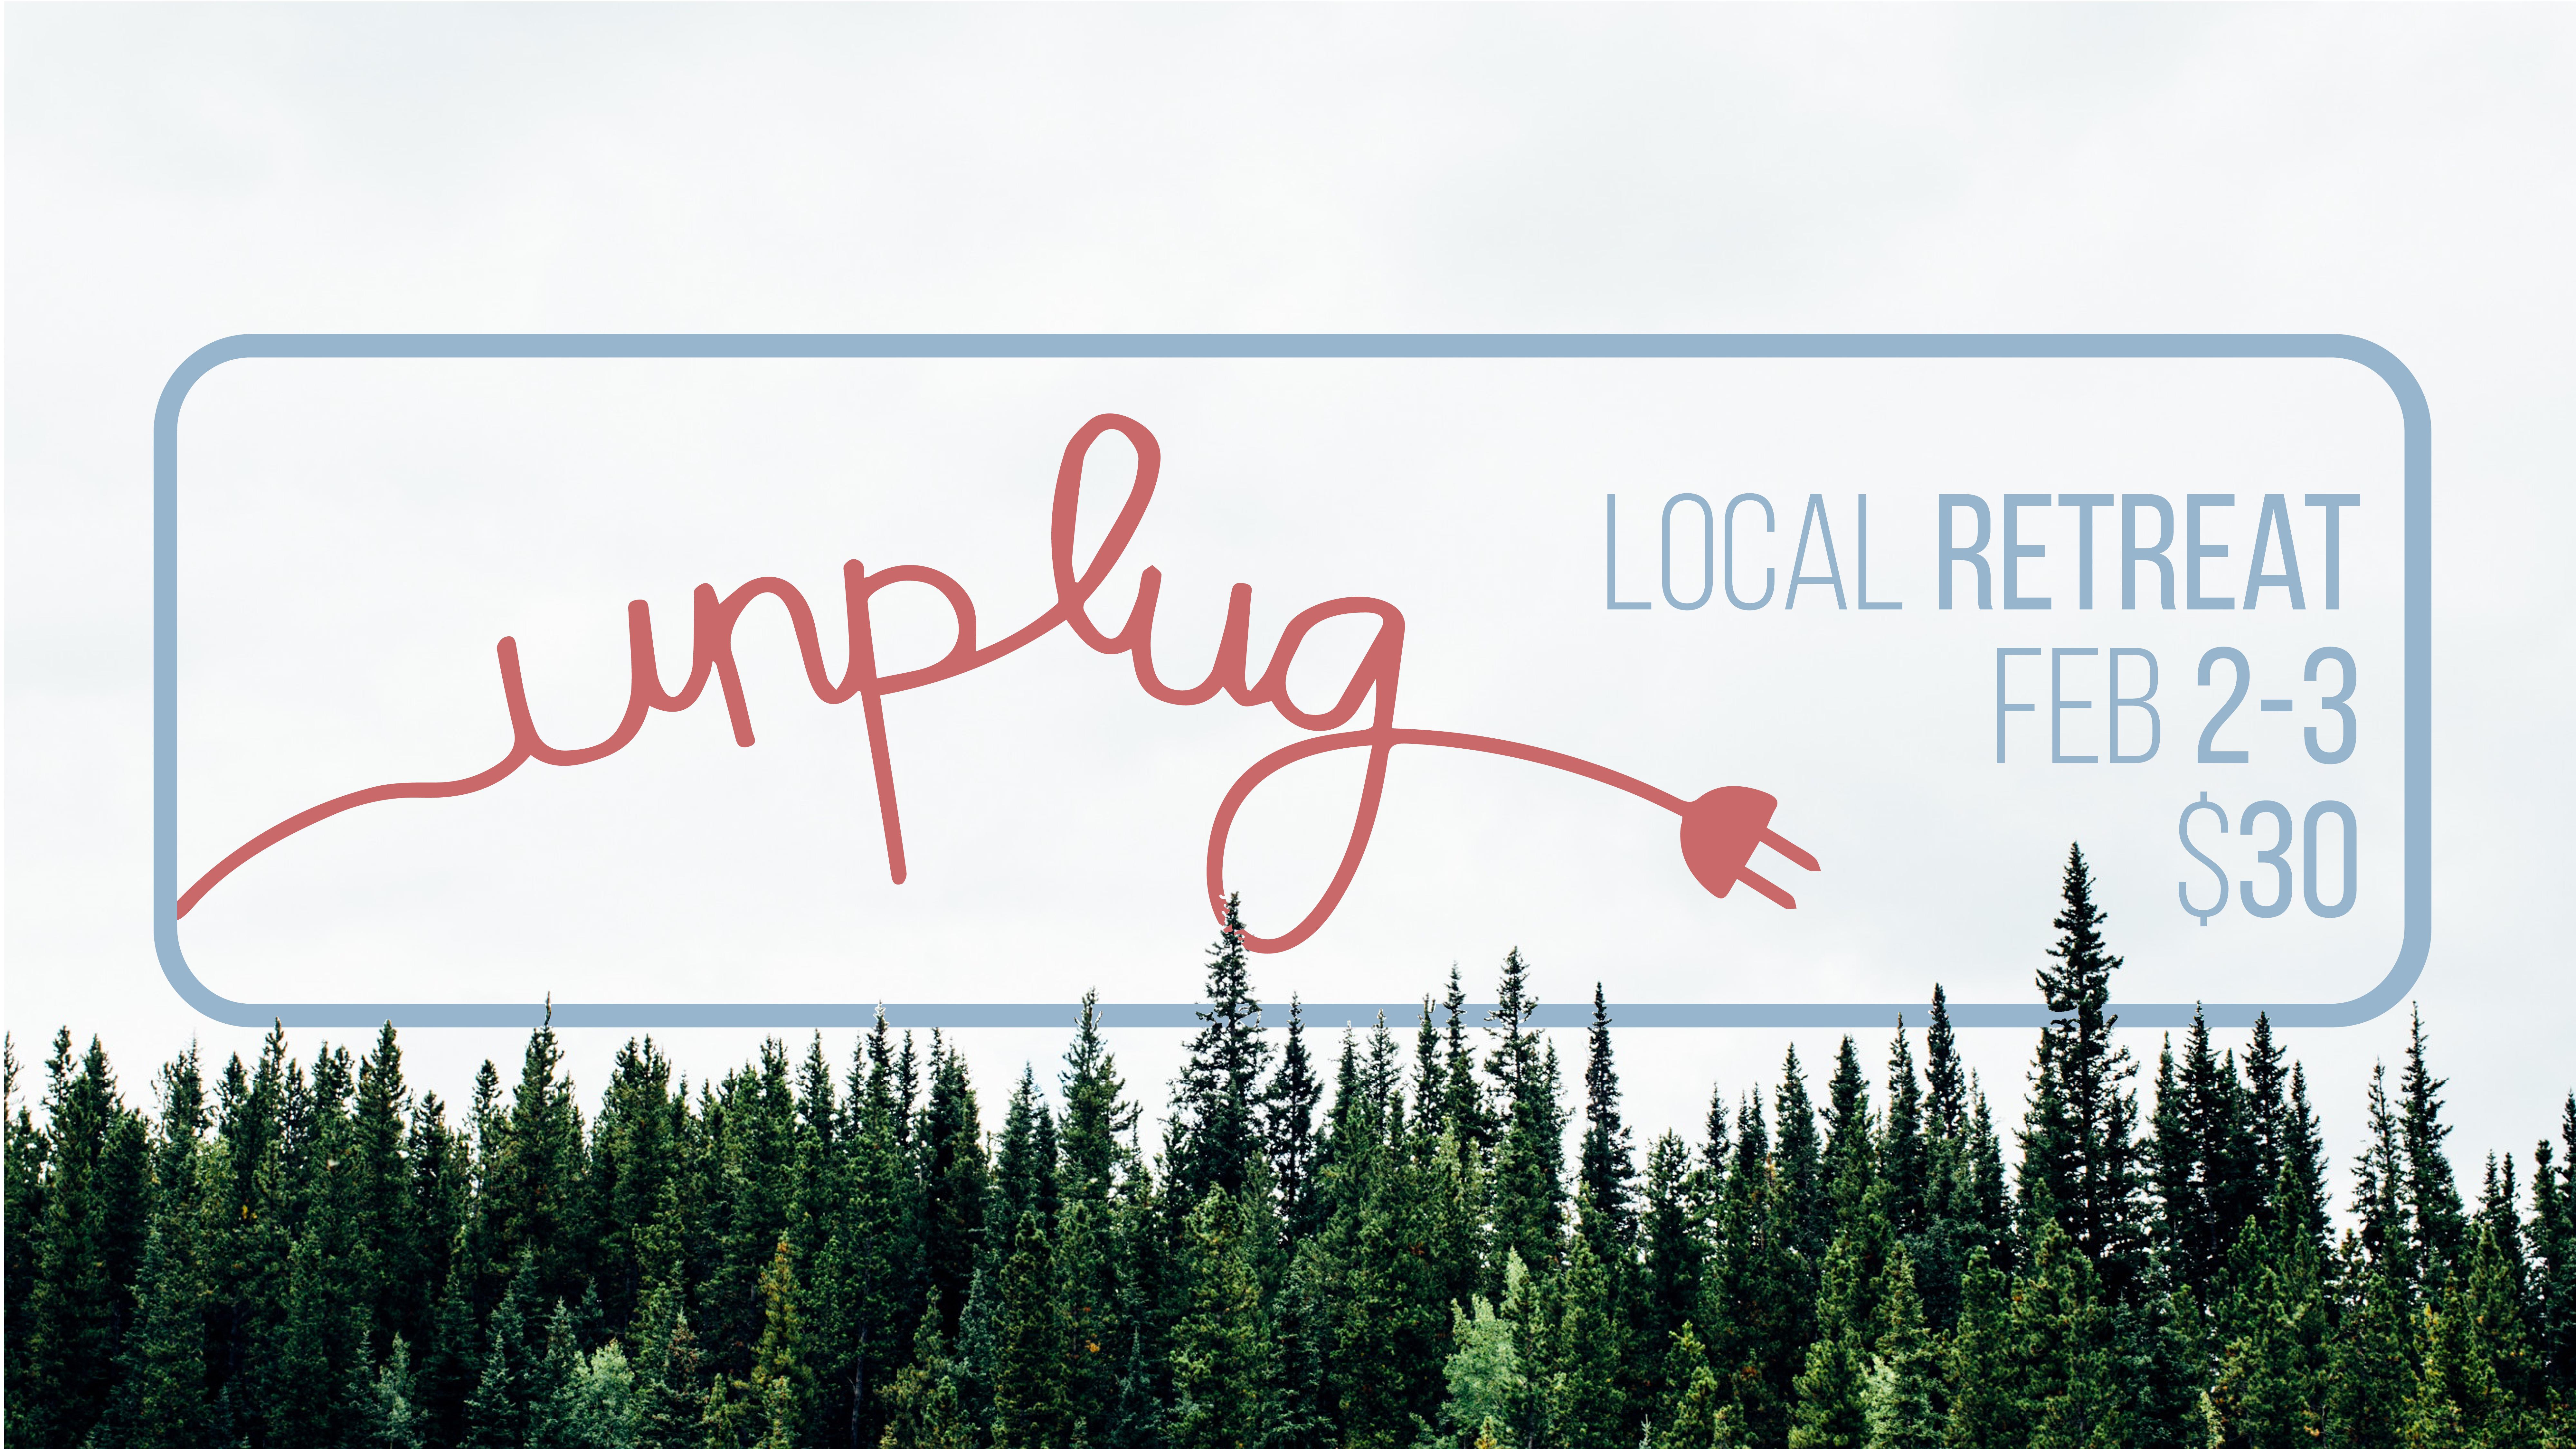 Unplug website 08